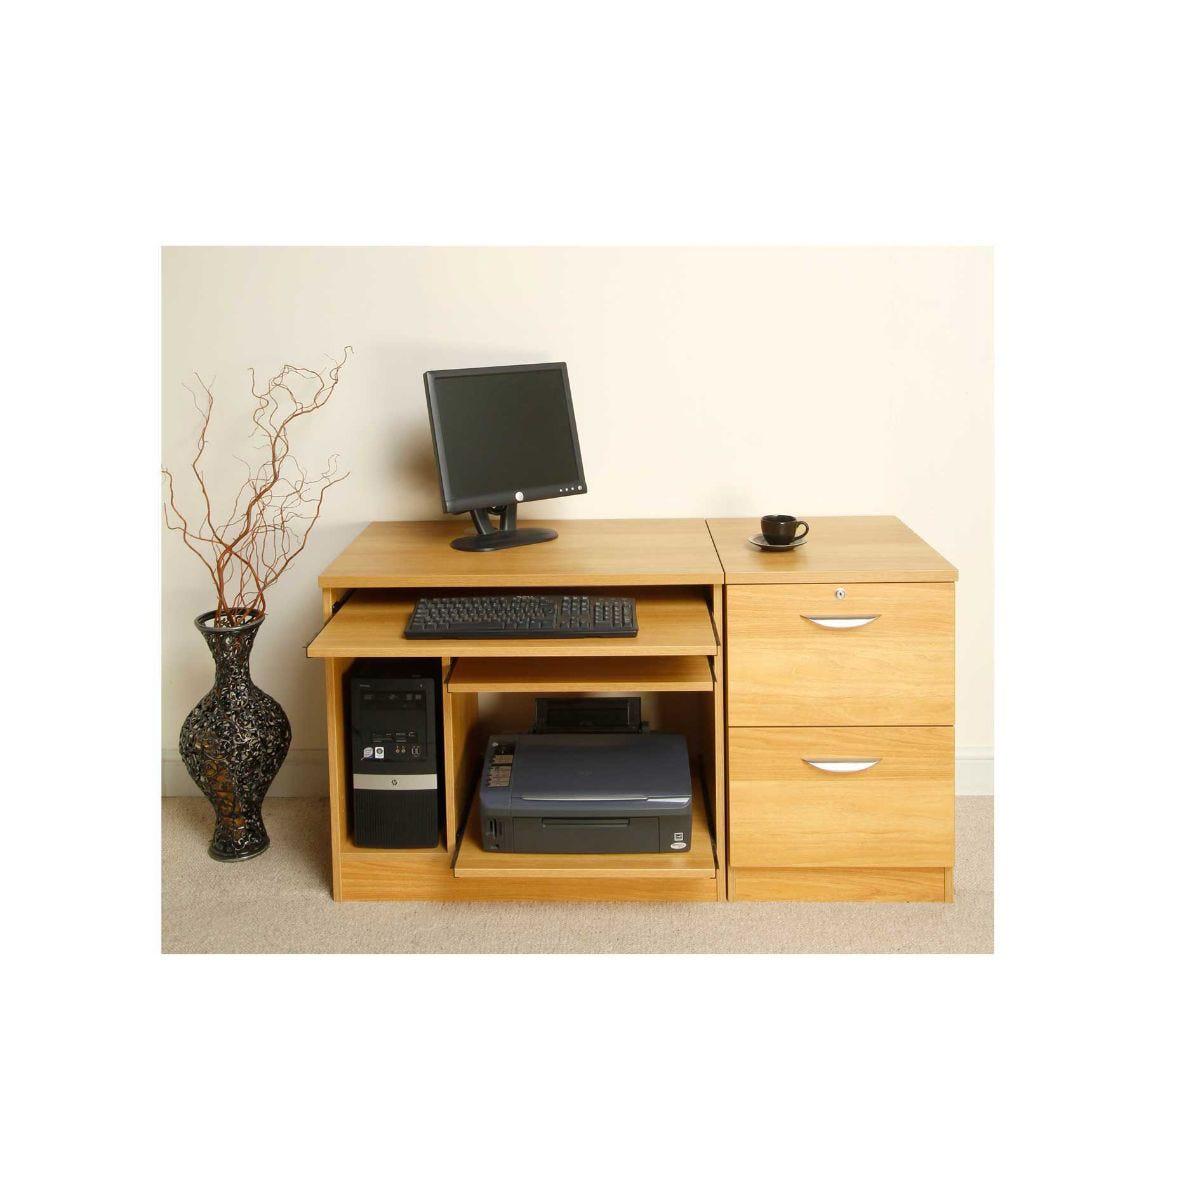 R White Lawrence Desk Workstation, Teak